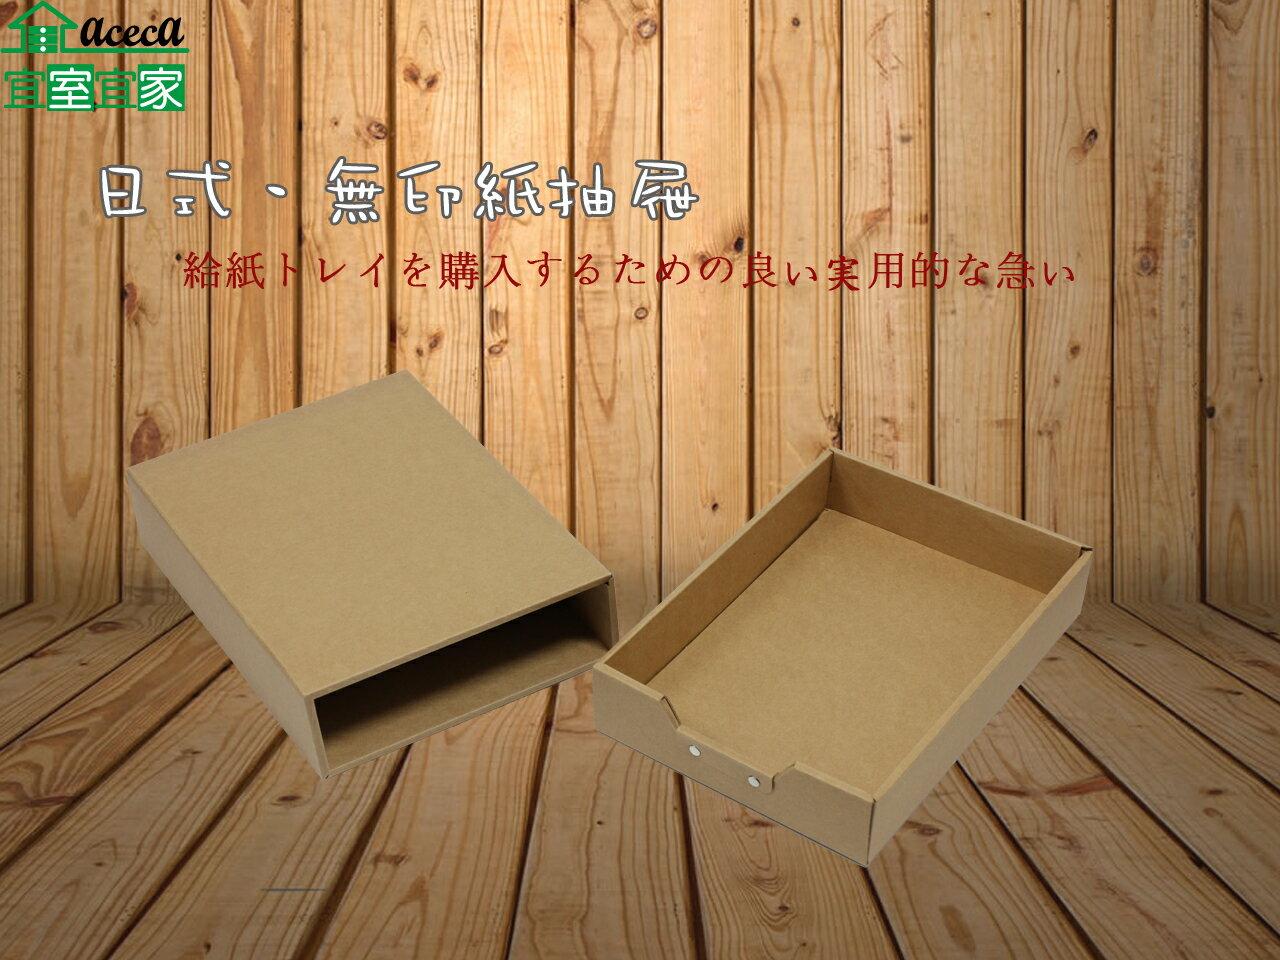 紙抽屜 收納盒 置物盒 整理箱 置物箱 雜物小物零食糖果餅乾 MIT DIY【宜室宜家AP01】